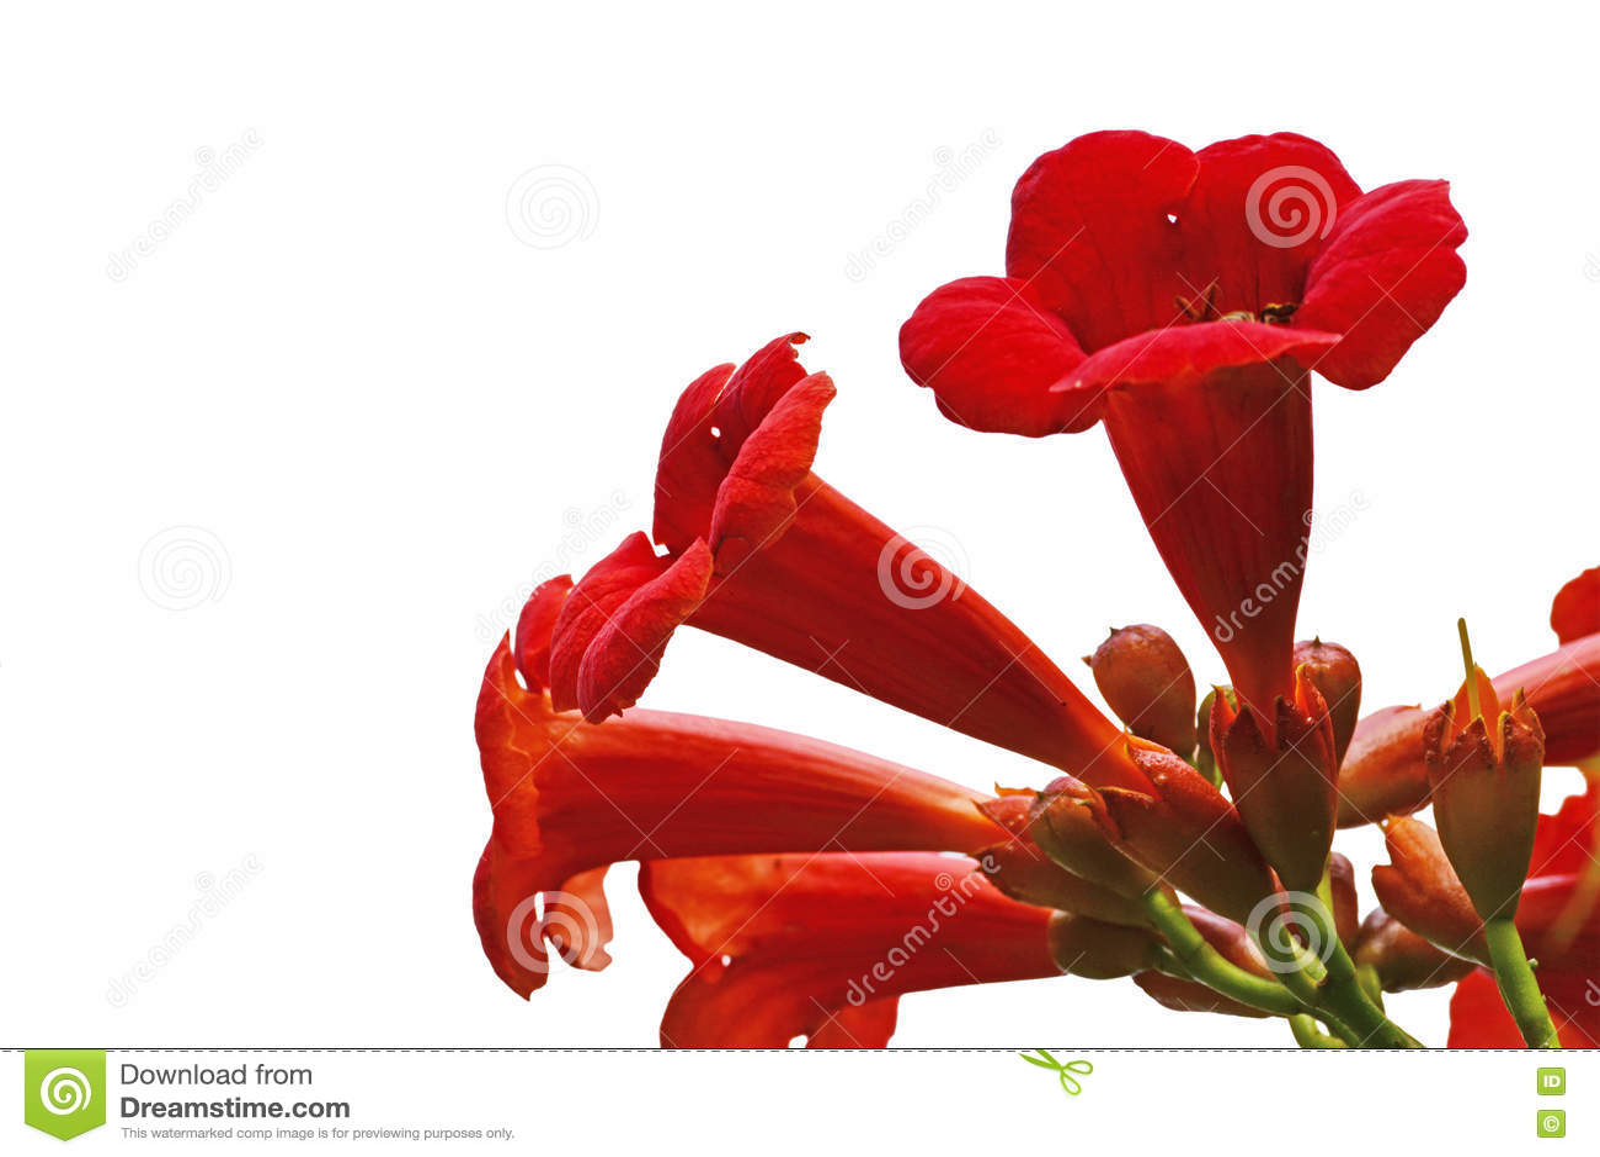 Fleurs rouges de vigne de grimpeur de plante grimpante de trompette radicans de campsis photo - Fleur en forme de trompette ...